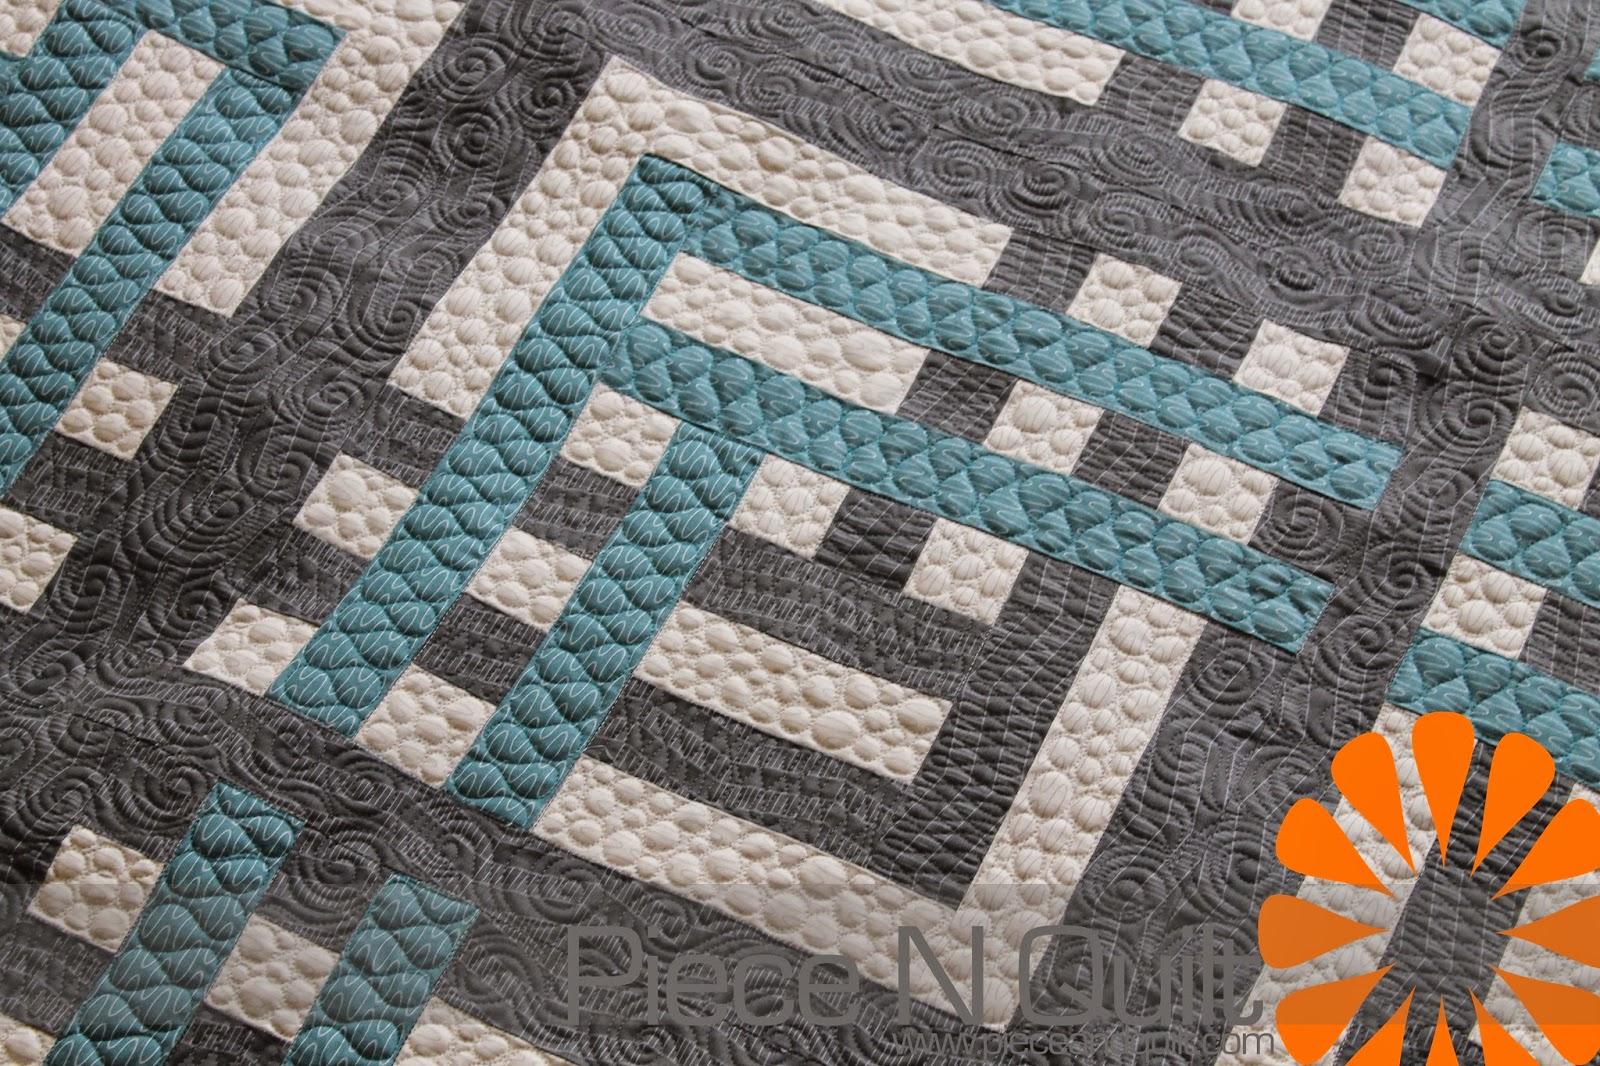 Piece N Quilt A Maze Me Quilt Modern One Block Quilts